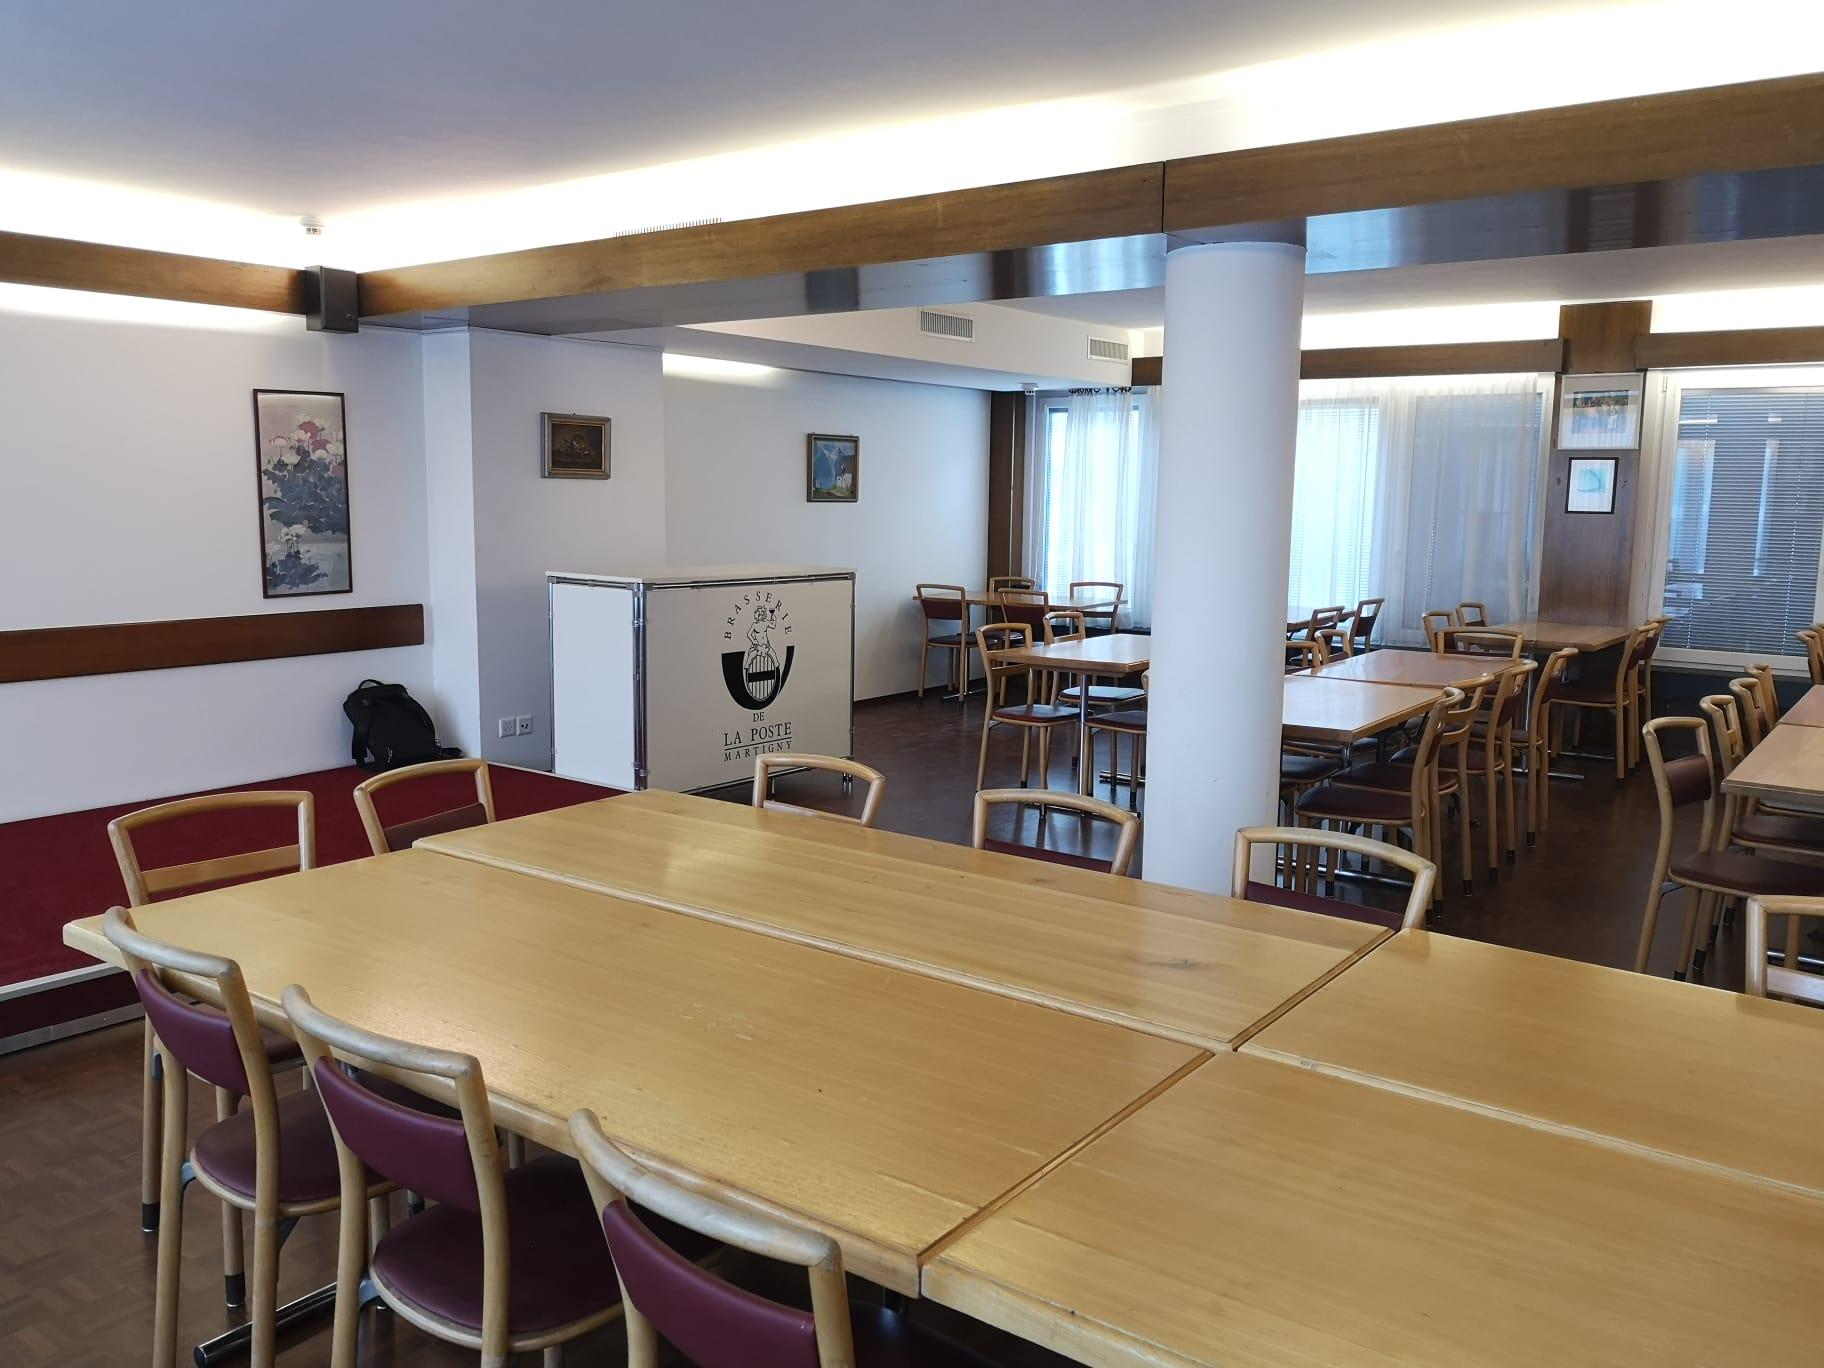 Salle de reunion en largeur